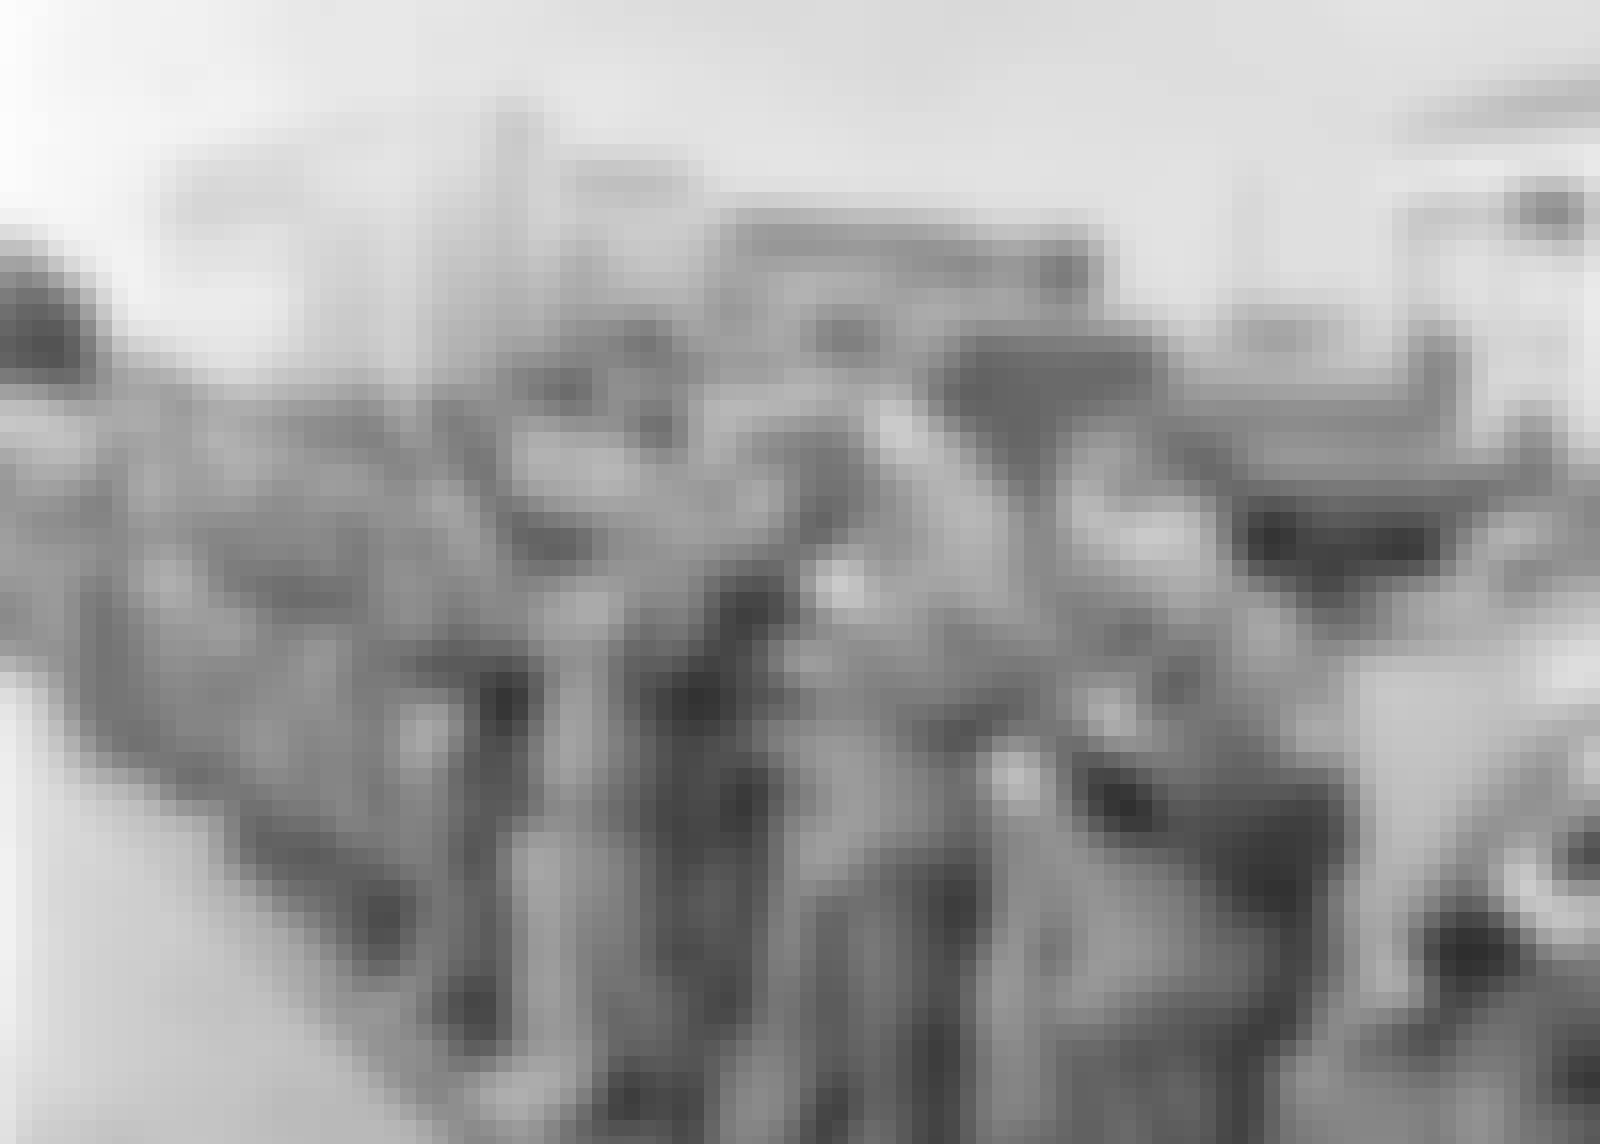 Østtyske soldater fungerer som Berlinmur i 1961.